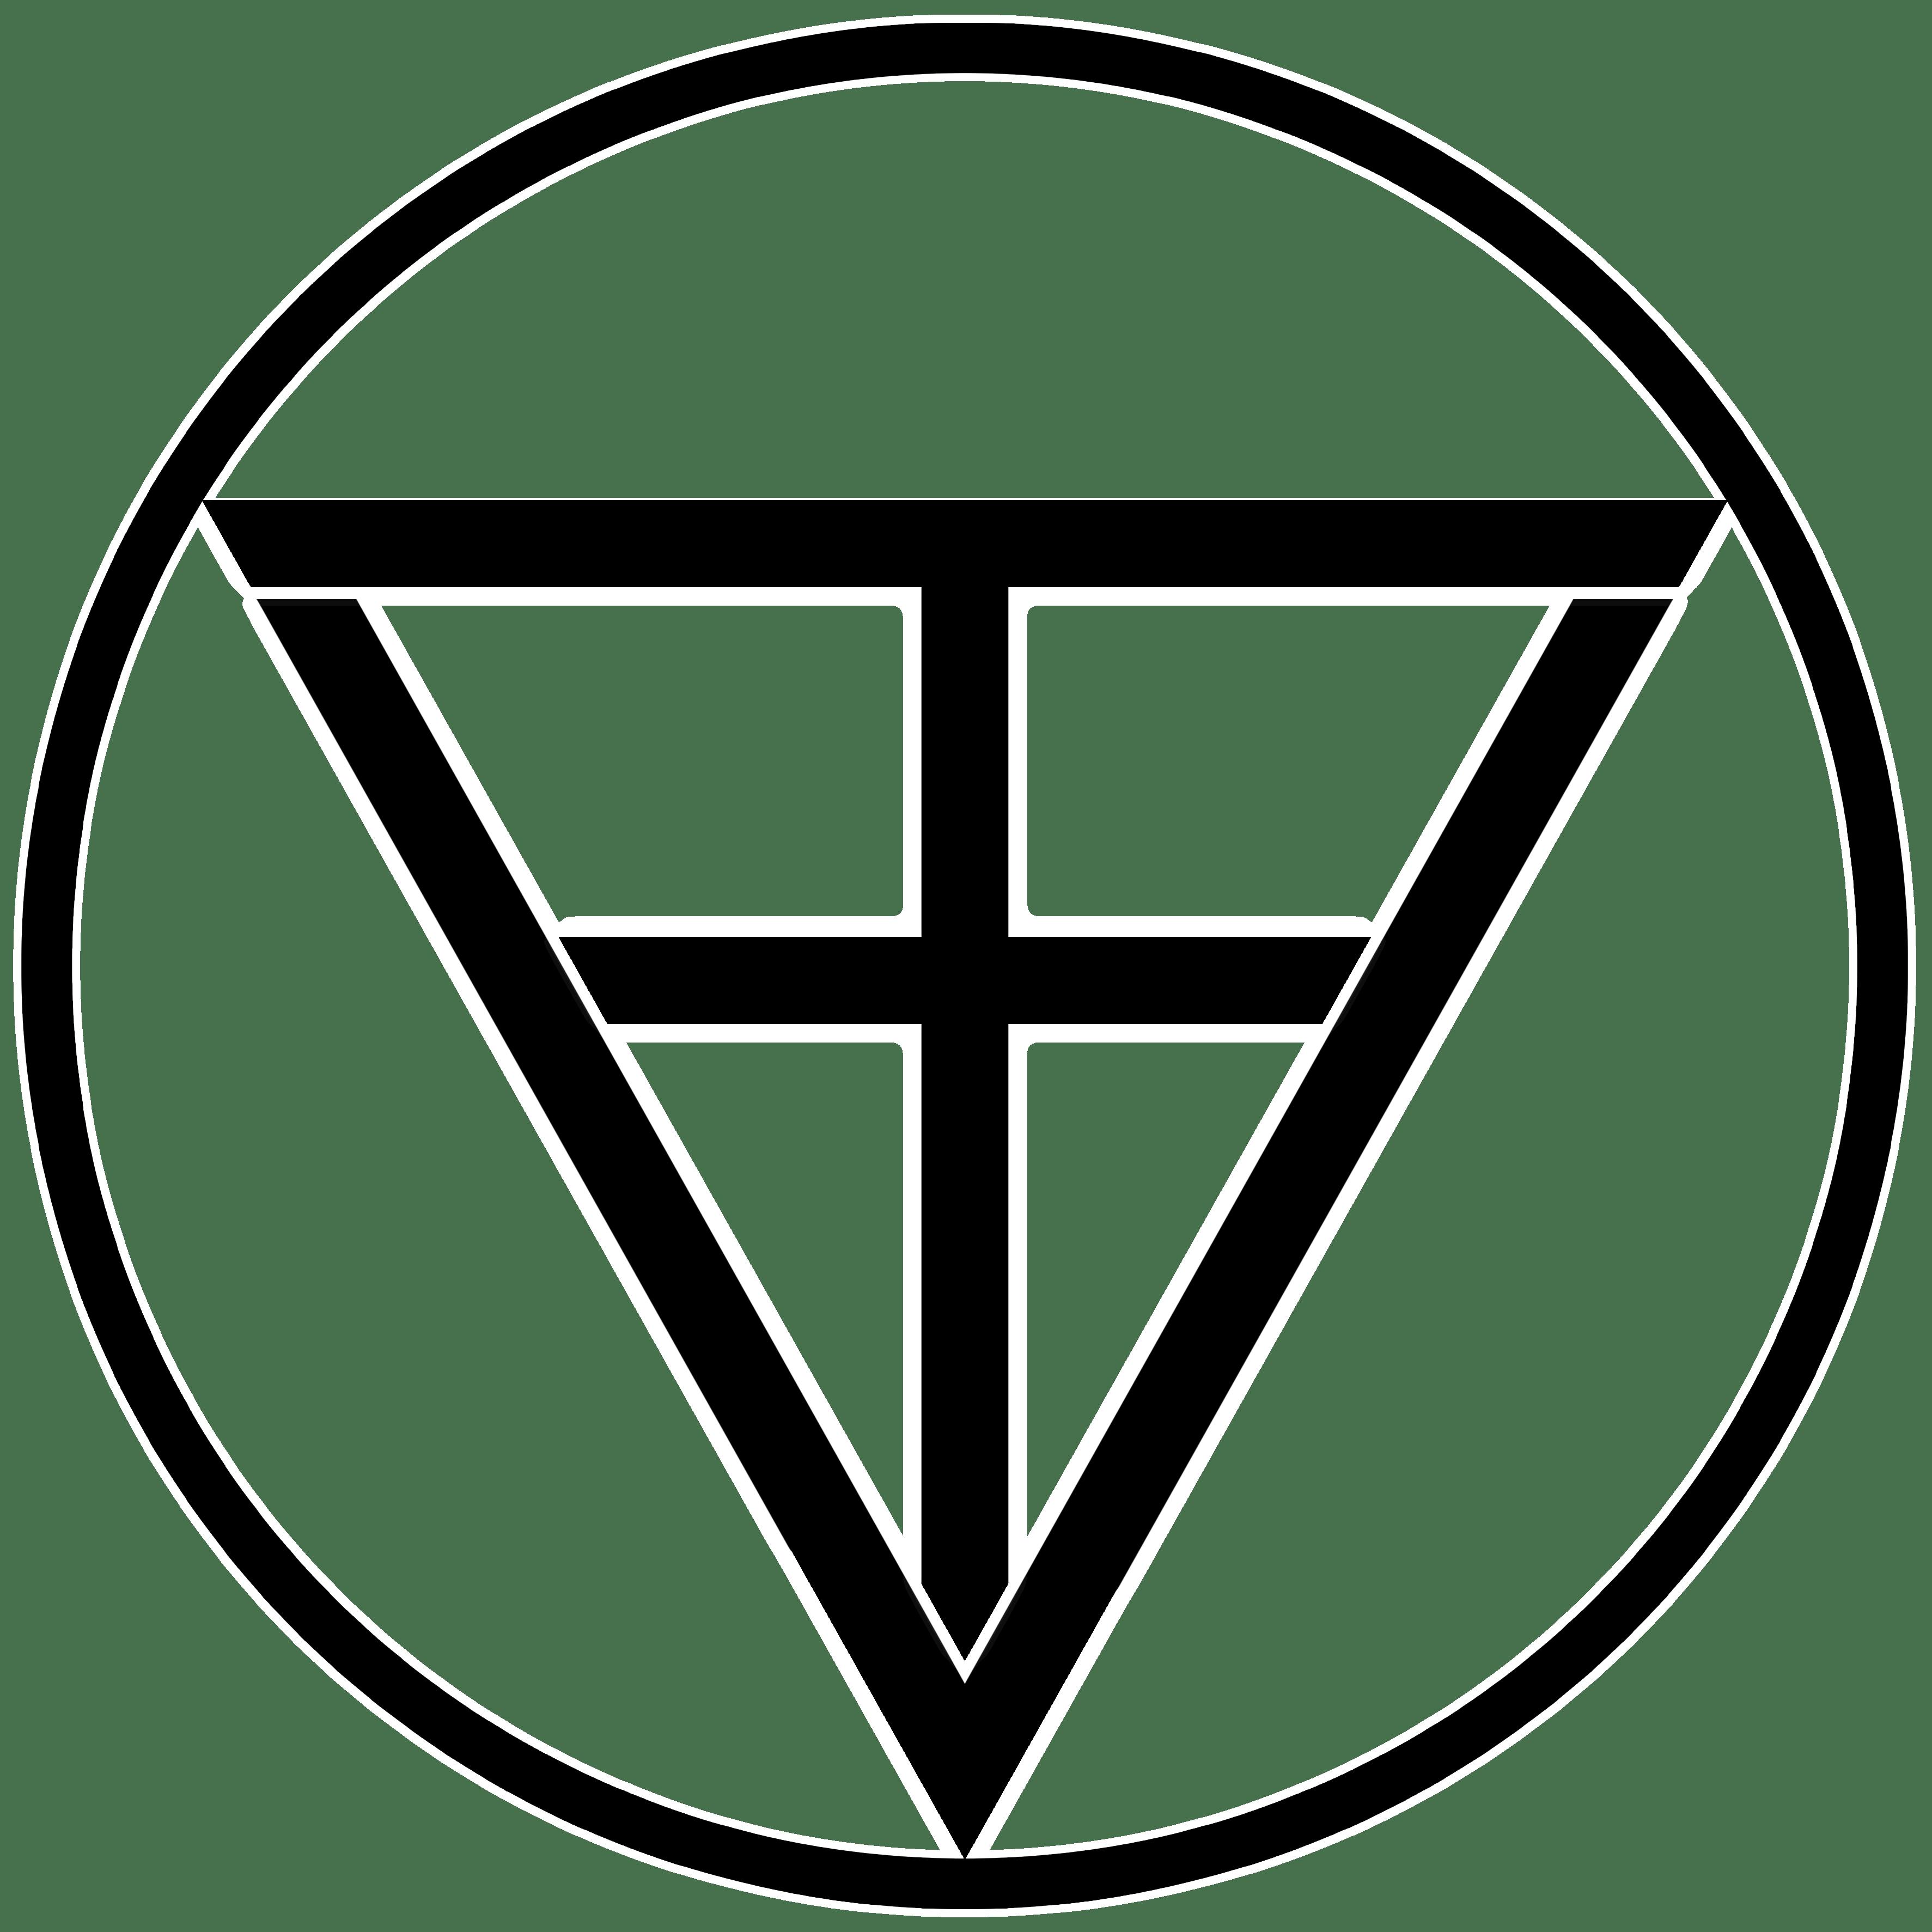 Logo von stubenvogel.com in schwarz; enthält die Initialen von Felix T. Vogel